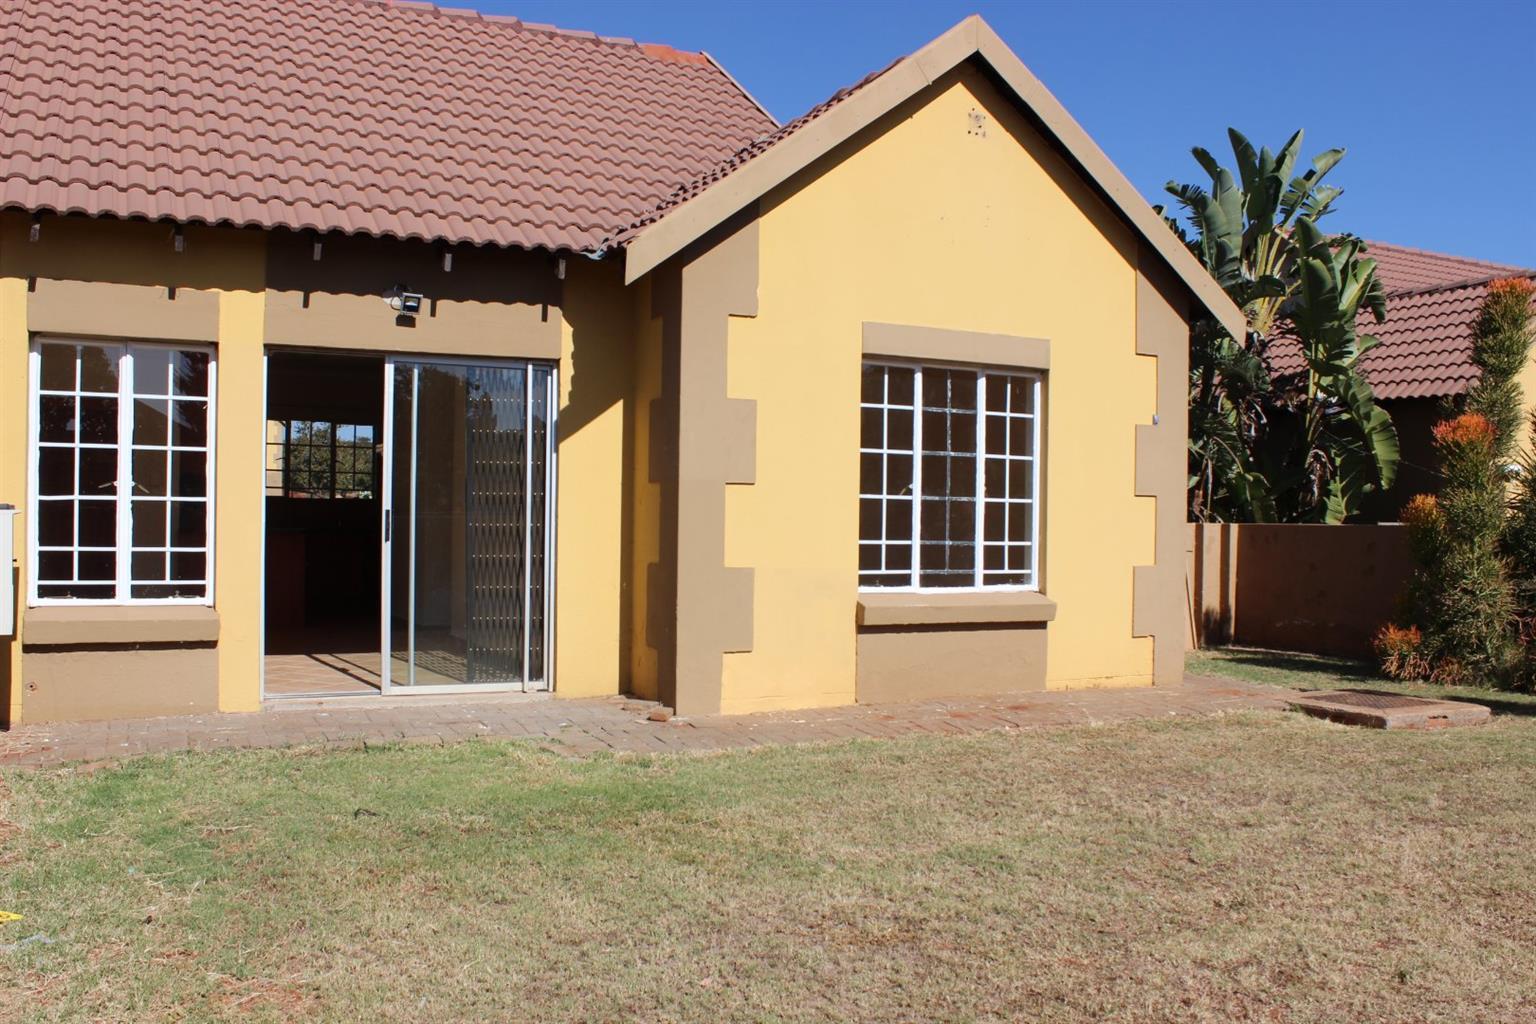 2 BEDROOM DUET TOWNHOUSE IN ELDORETTE